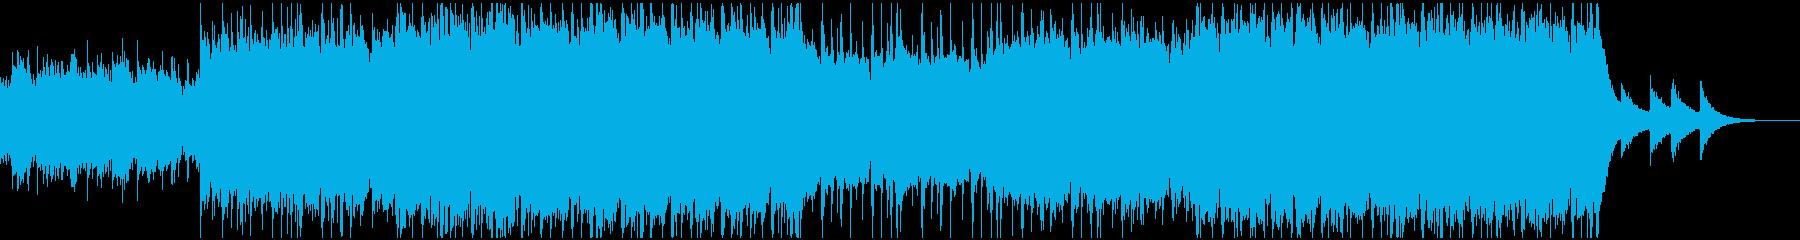 フューチャ ベース ほのぼの 幸せ...の再生済みの波形